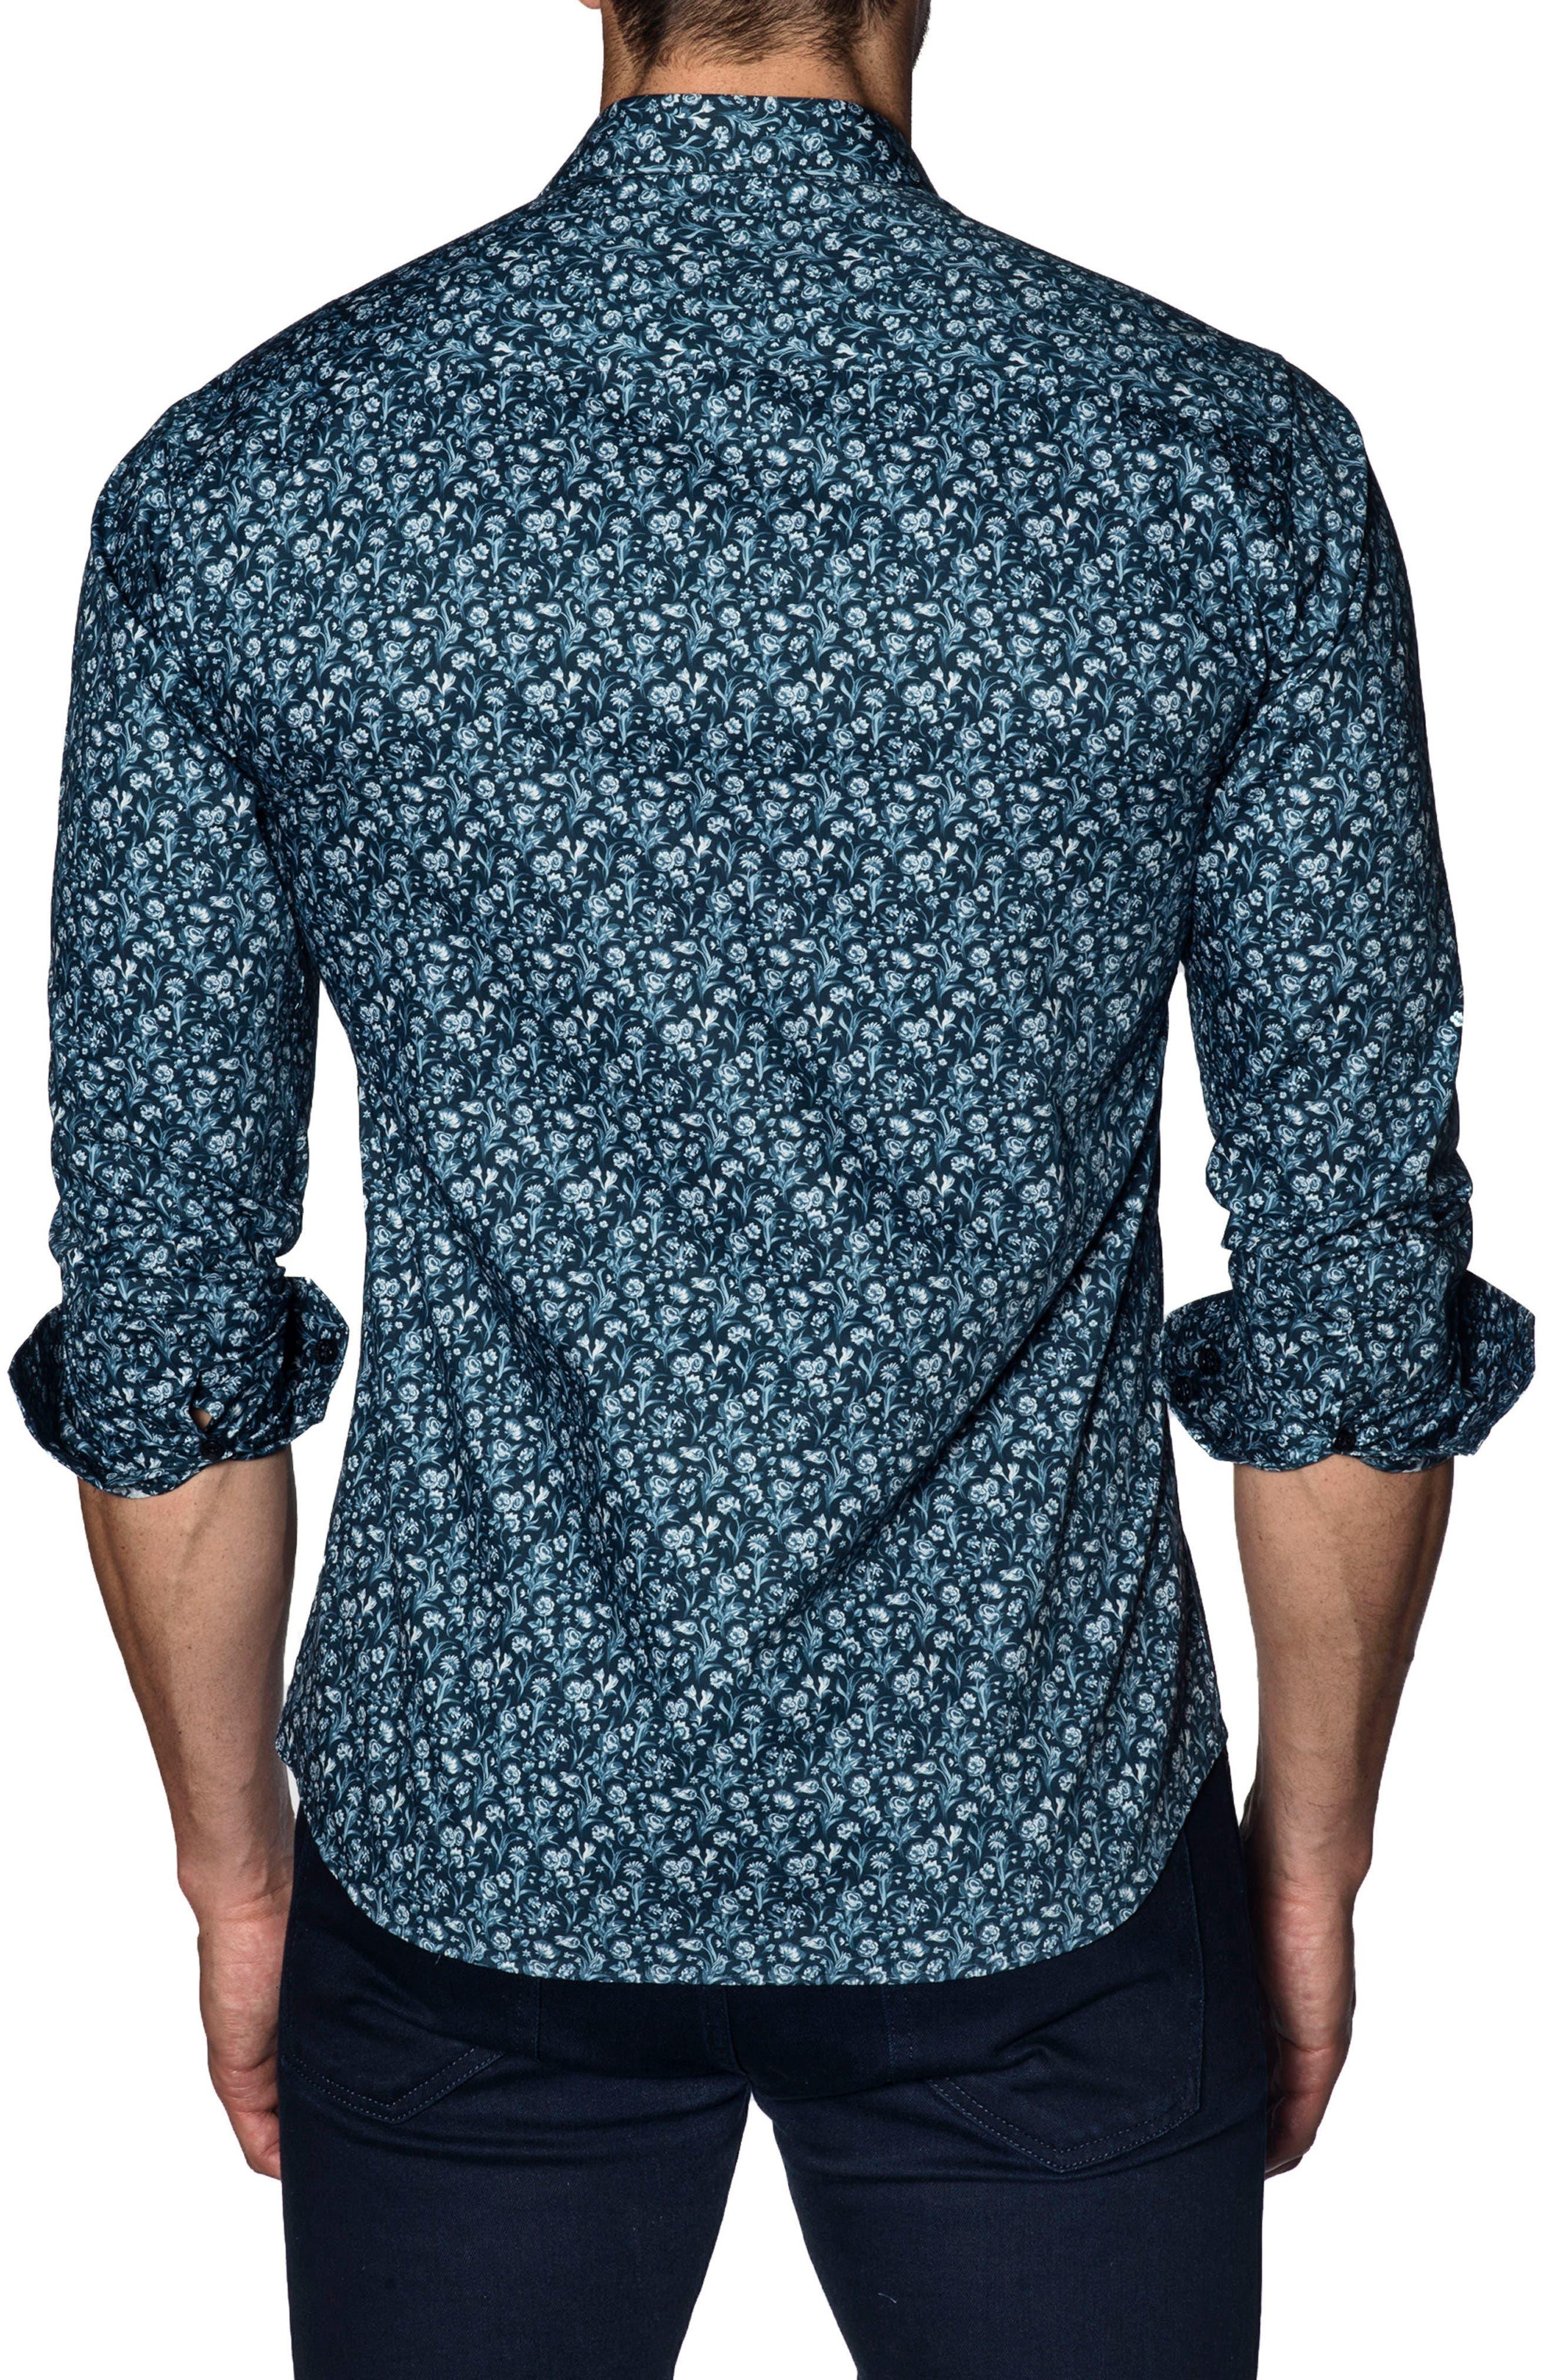 Trim Fit Sport Shirt,                             Alternate thumbnail 2, color,                             BLUE FLORAL